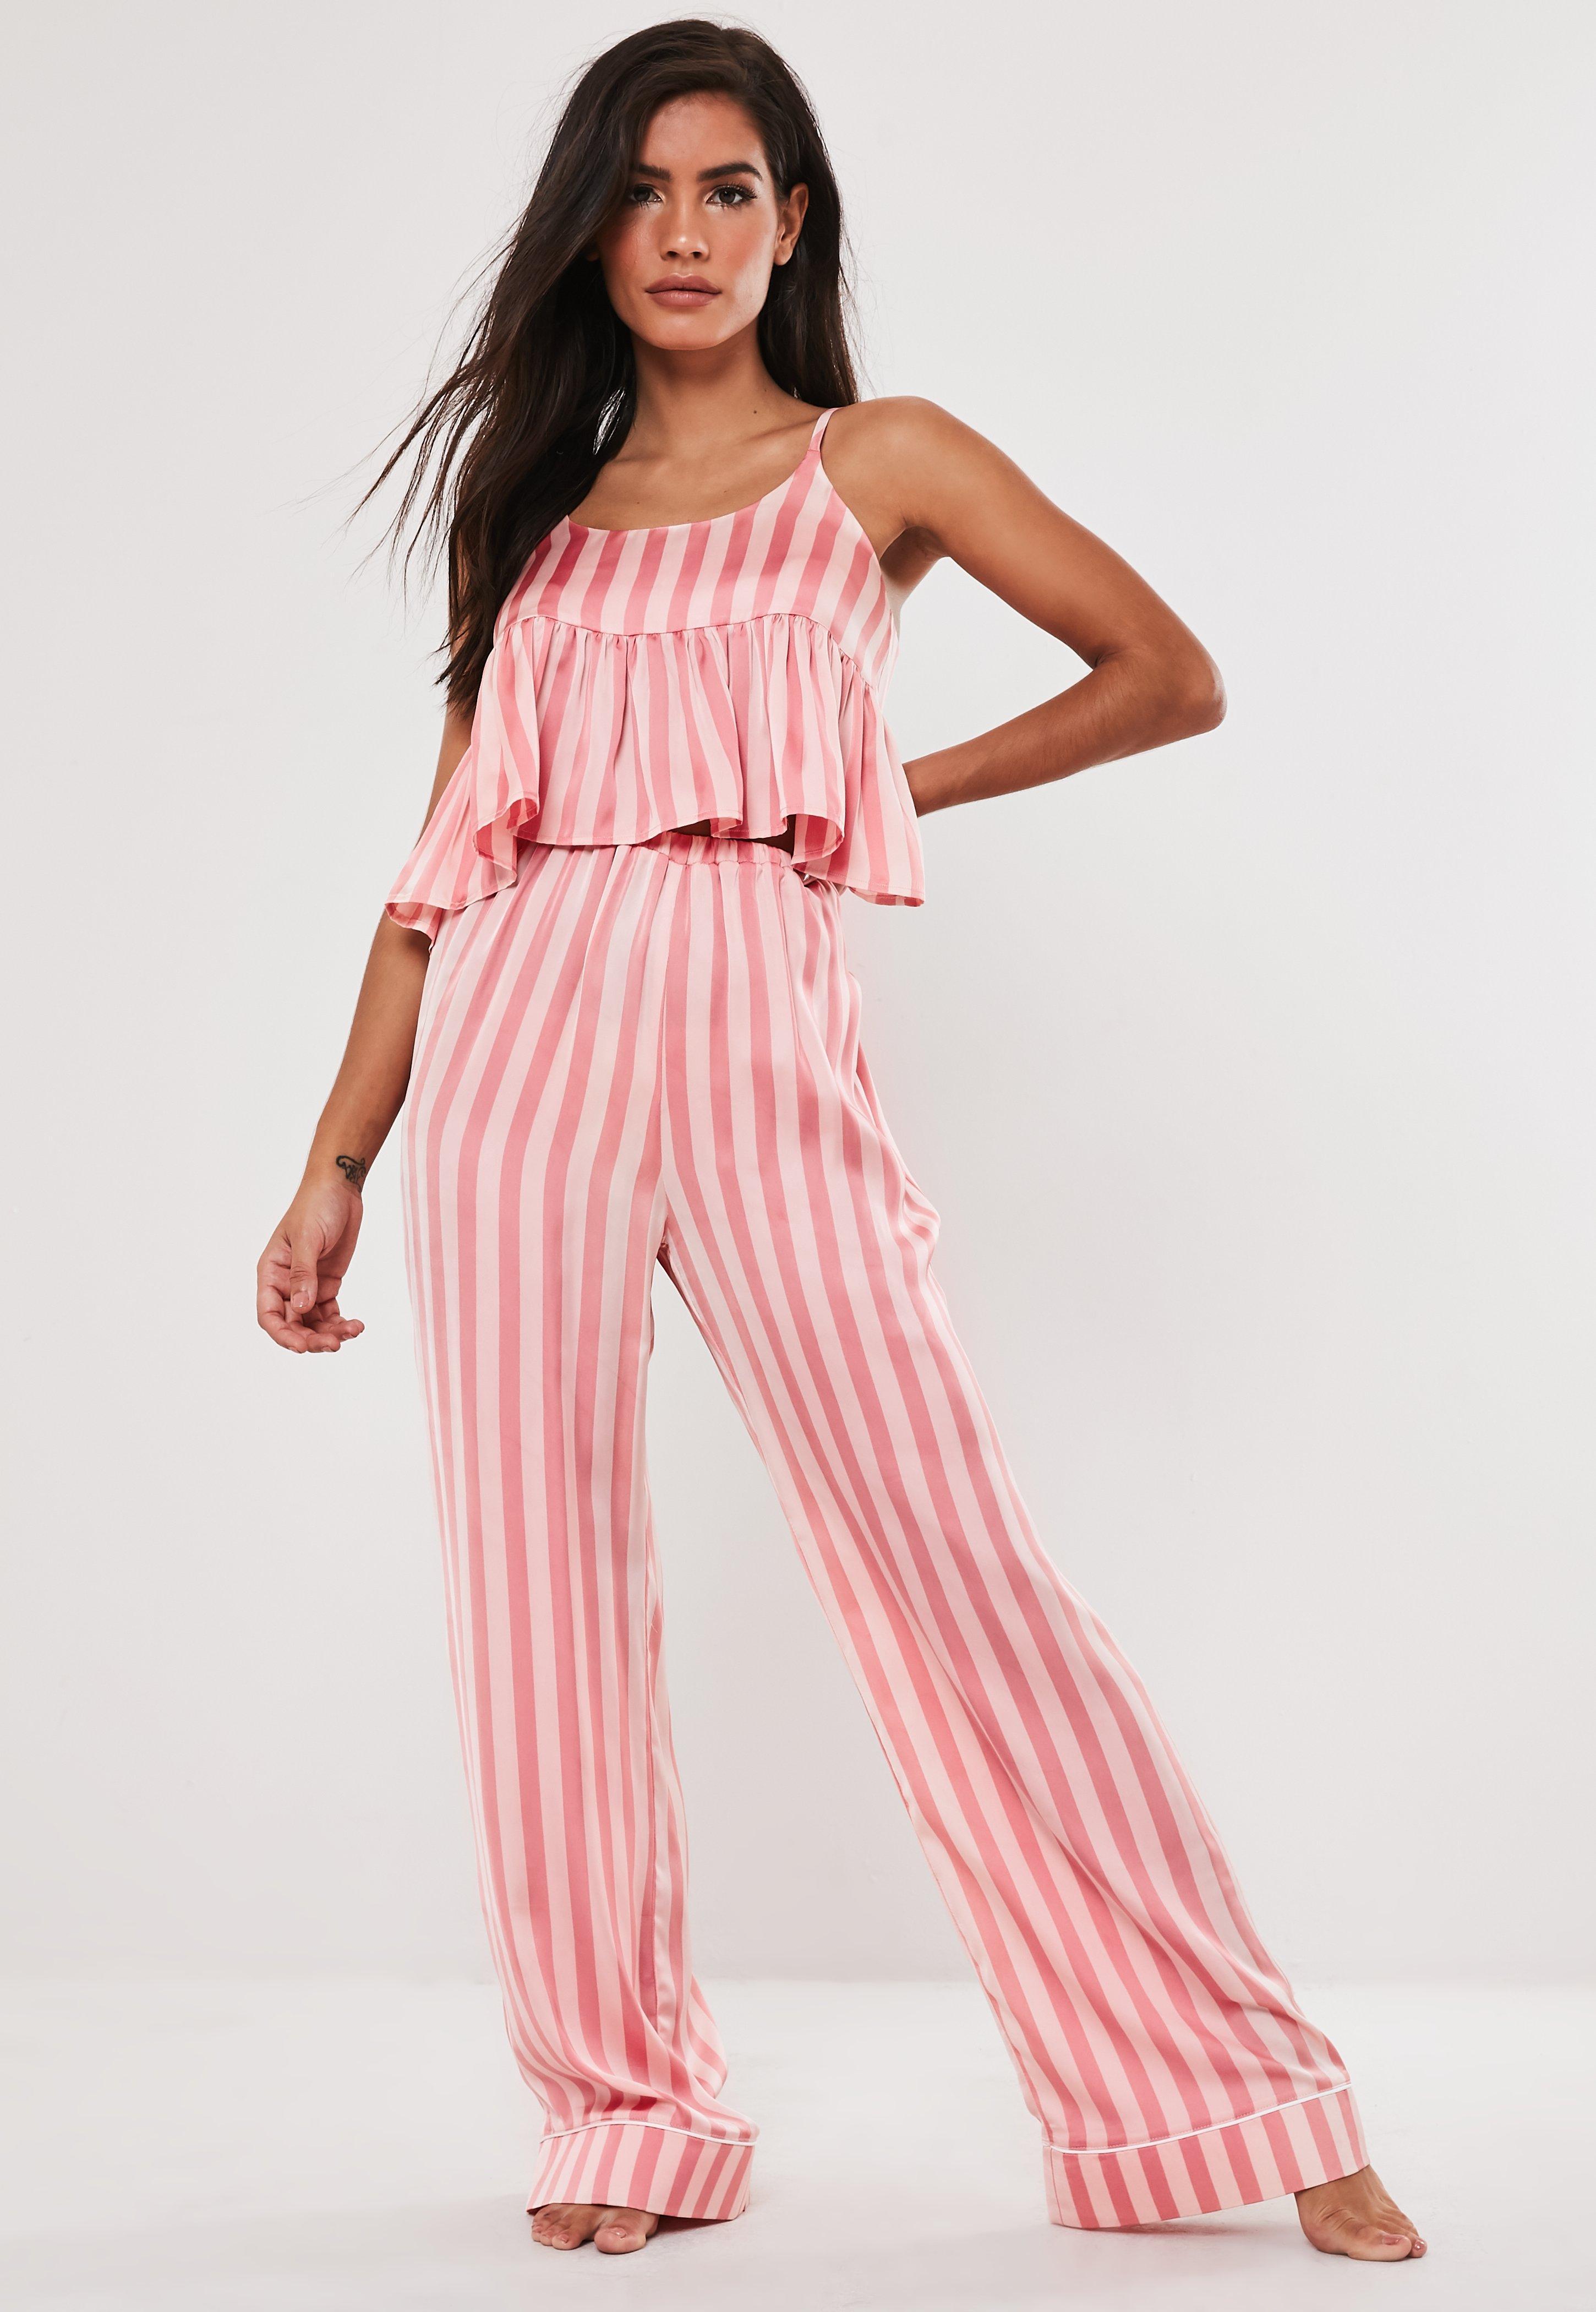 Sexy womens pajamas onesie